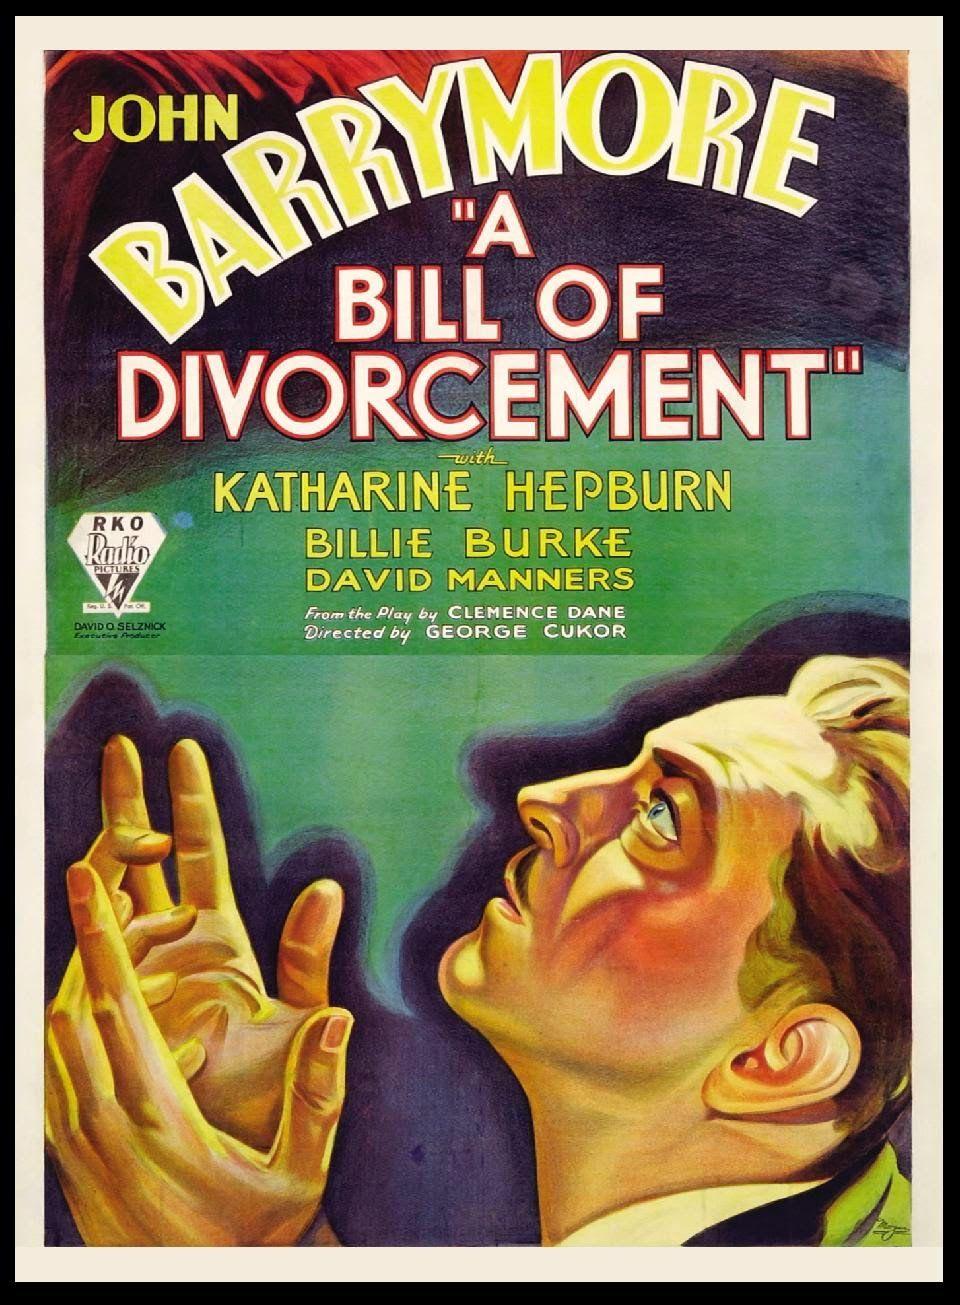 A bill of divorcement John Barrymore movie poster